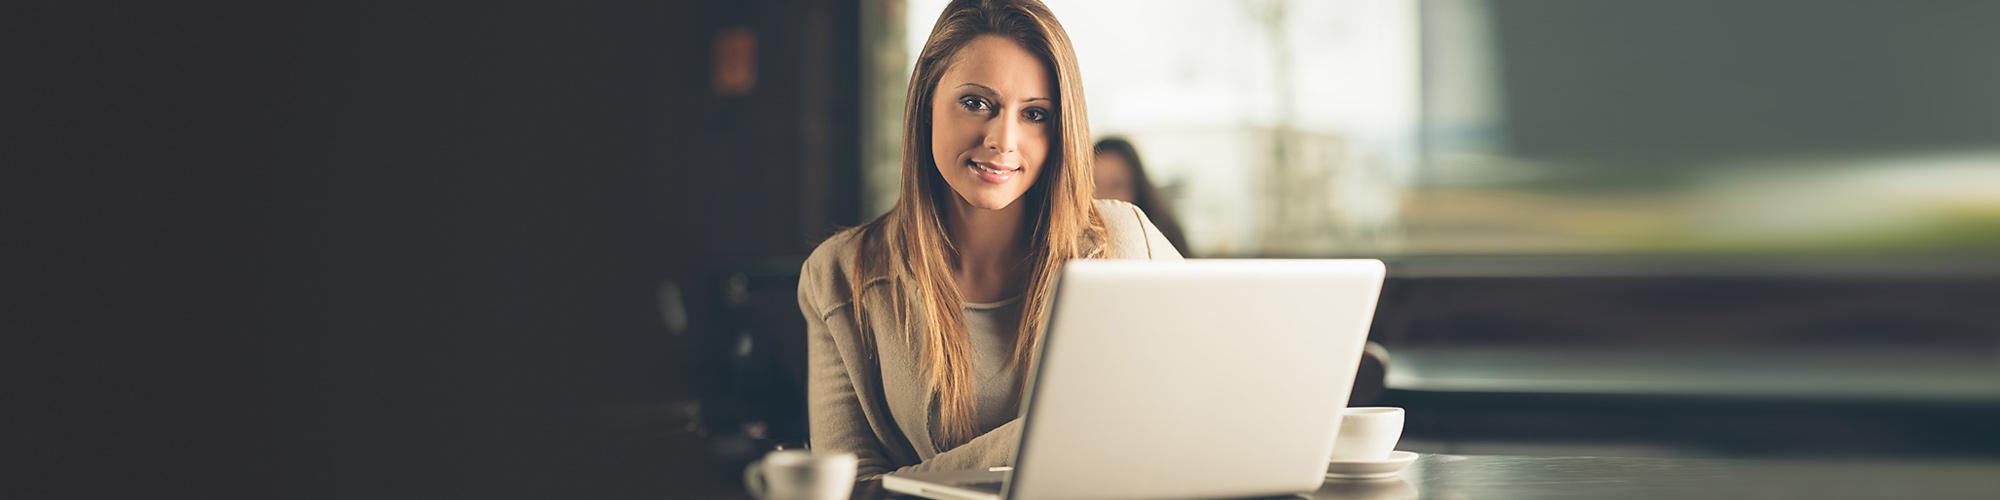 Bild von einer entspannten Schreibtischszene mit Laptop, Kaffee und Grünpflanze - auf dem Monitor ein Mann und eine Frau beim digitalen Expertentalk